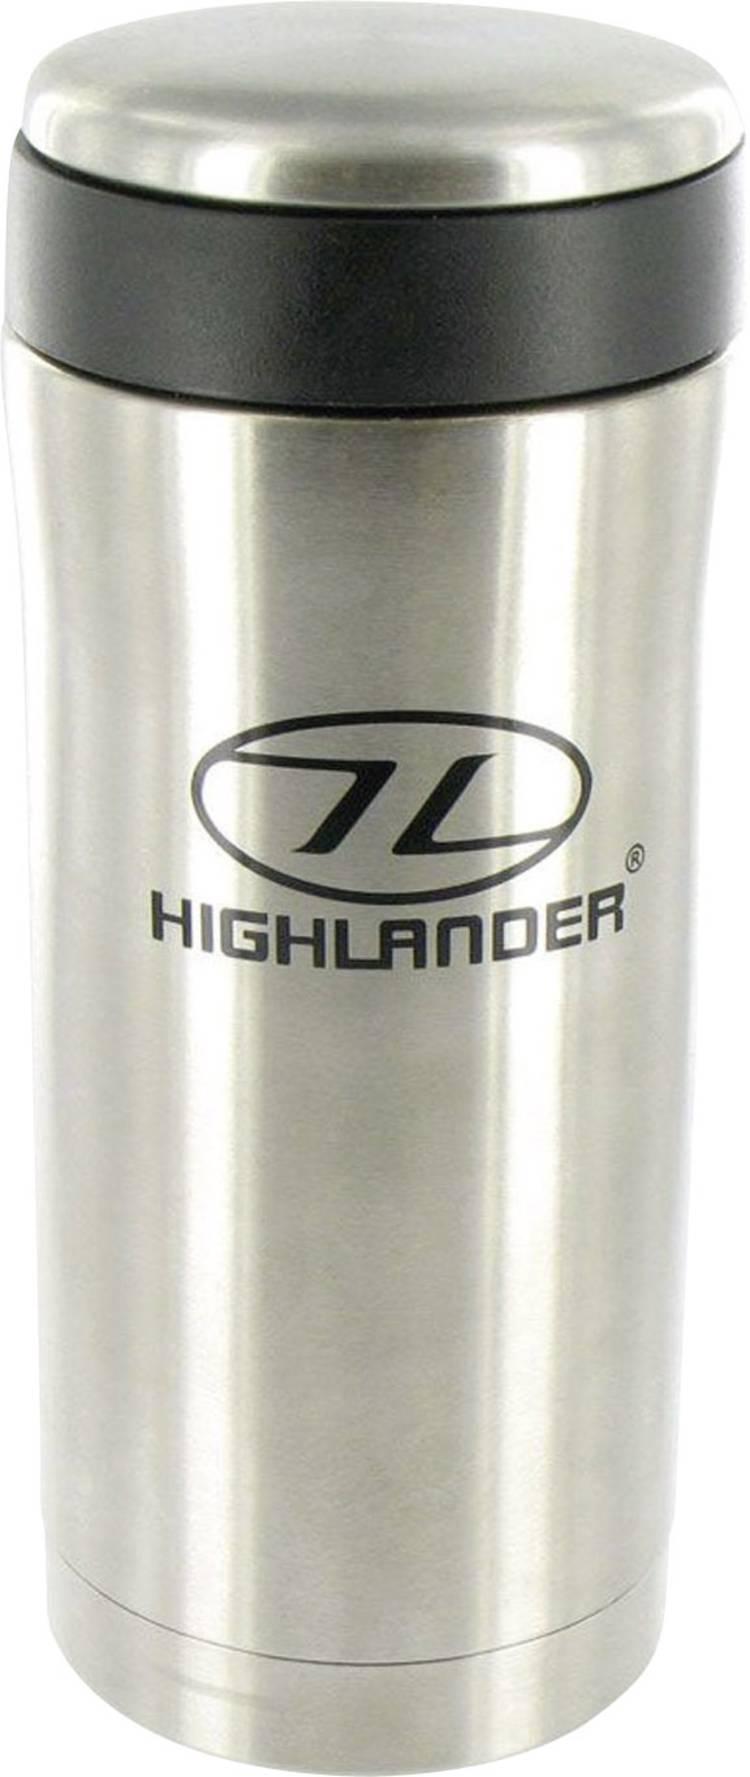 Image of Highlander Sealed Mug CP163-SR Thermosbeker Zilver 330 ml